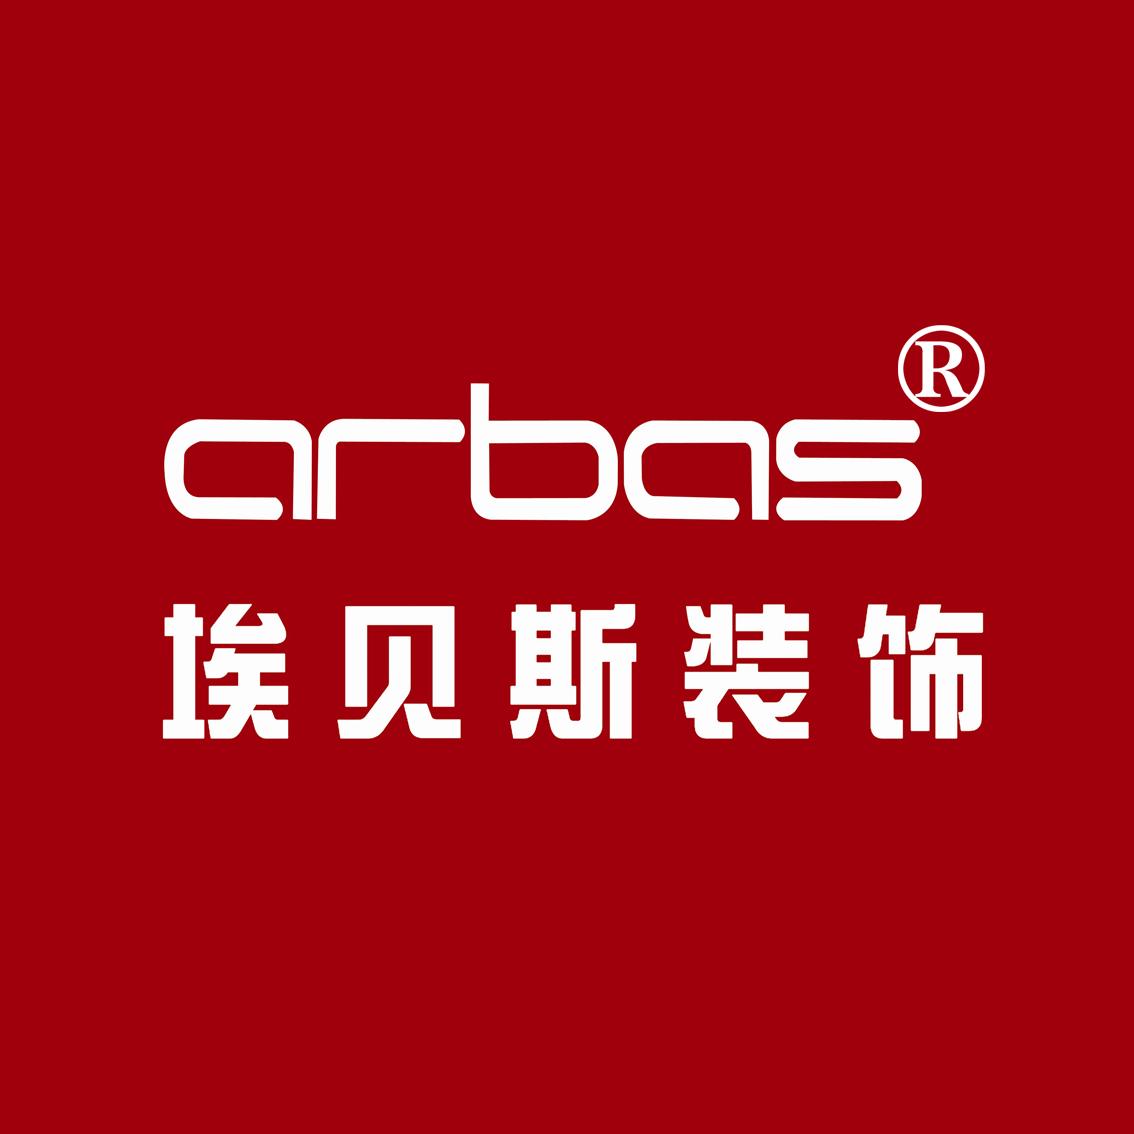 埃贝斯装饰(北京)有限公司包头分公司